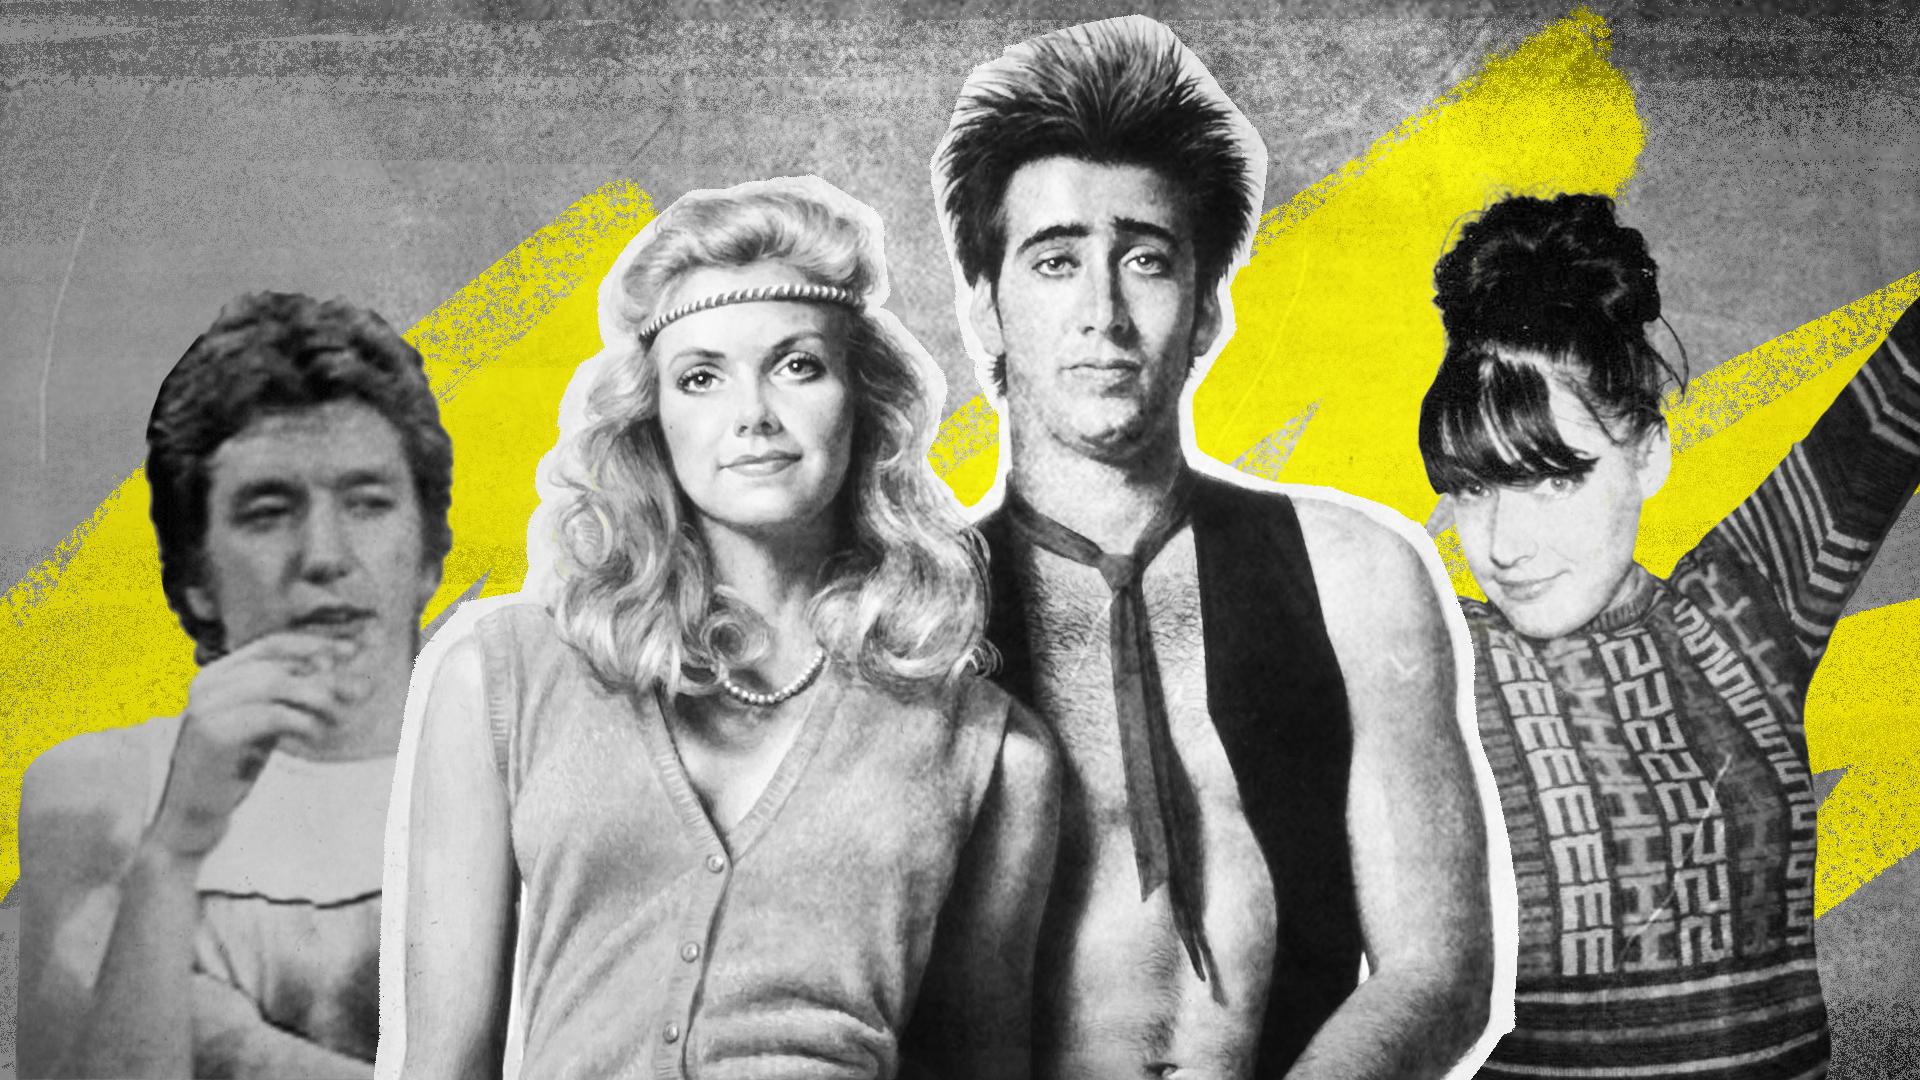 suburbia 1983 full movie stream